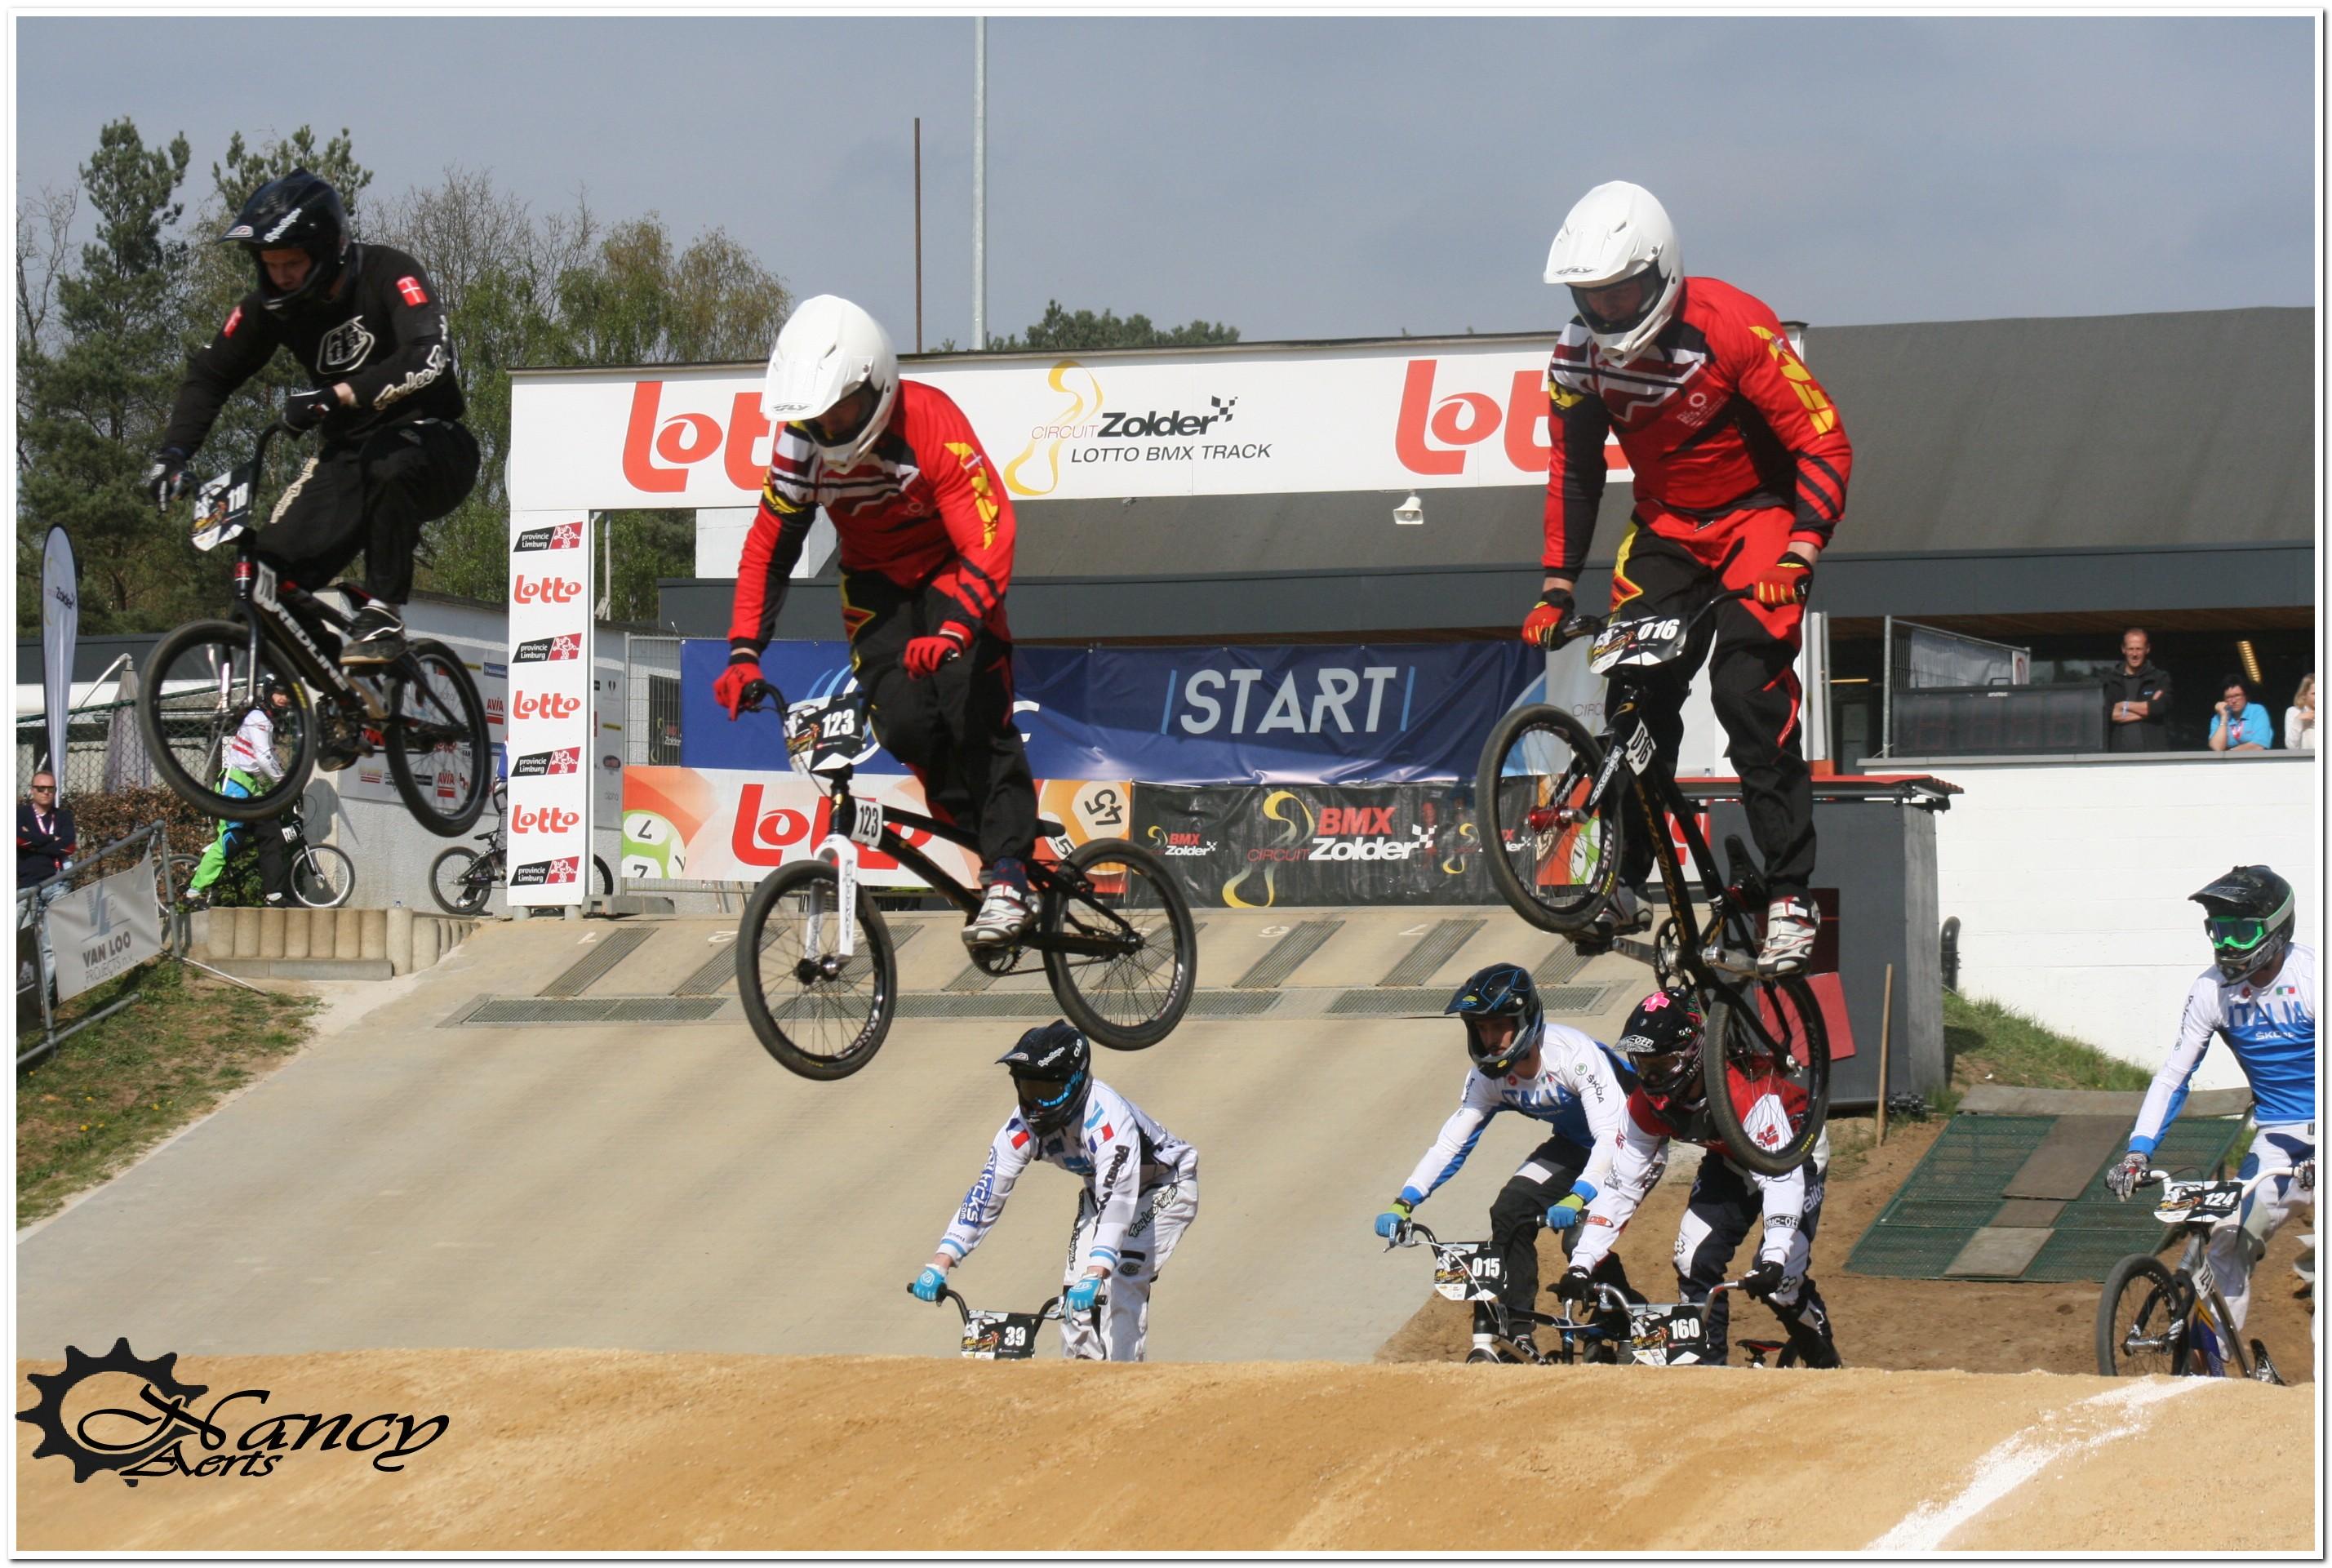 EK Ronde 1 Zolder finale 15-16 jarigen 2014